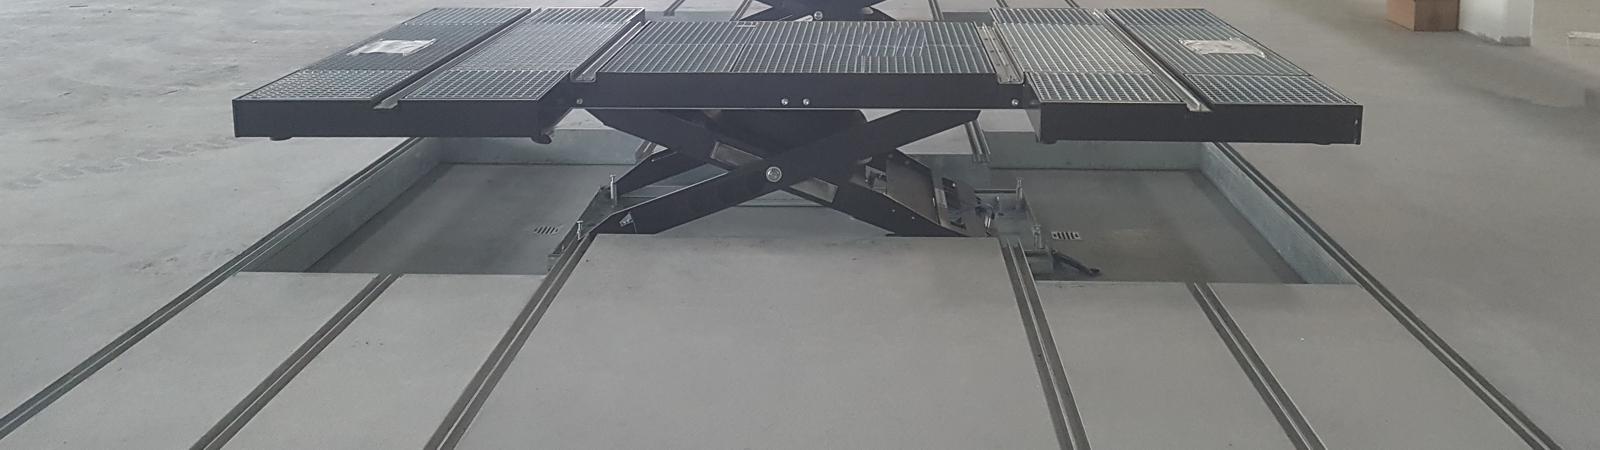 Powerlifter Hebebühne von Sehon Unterflur bodeneben